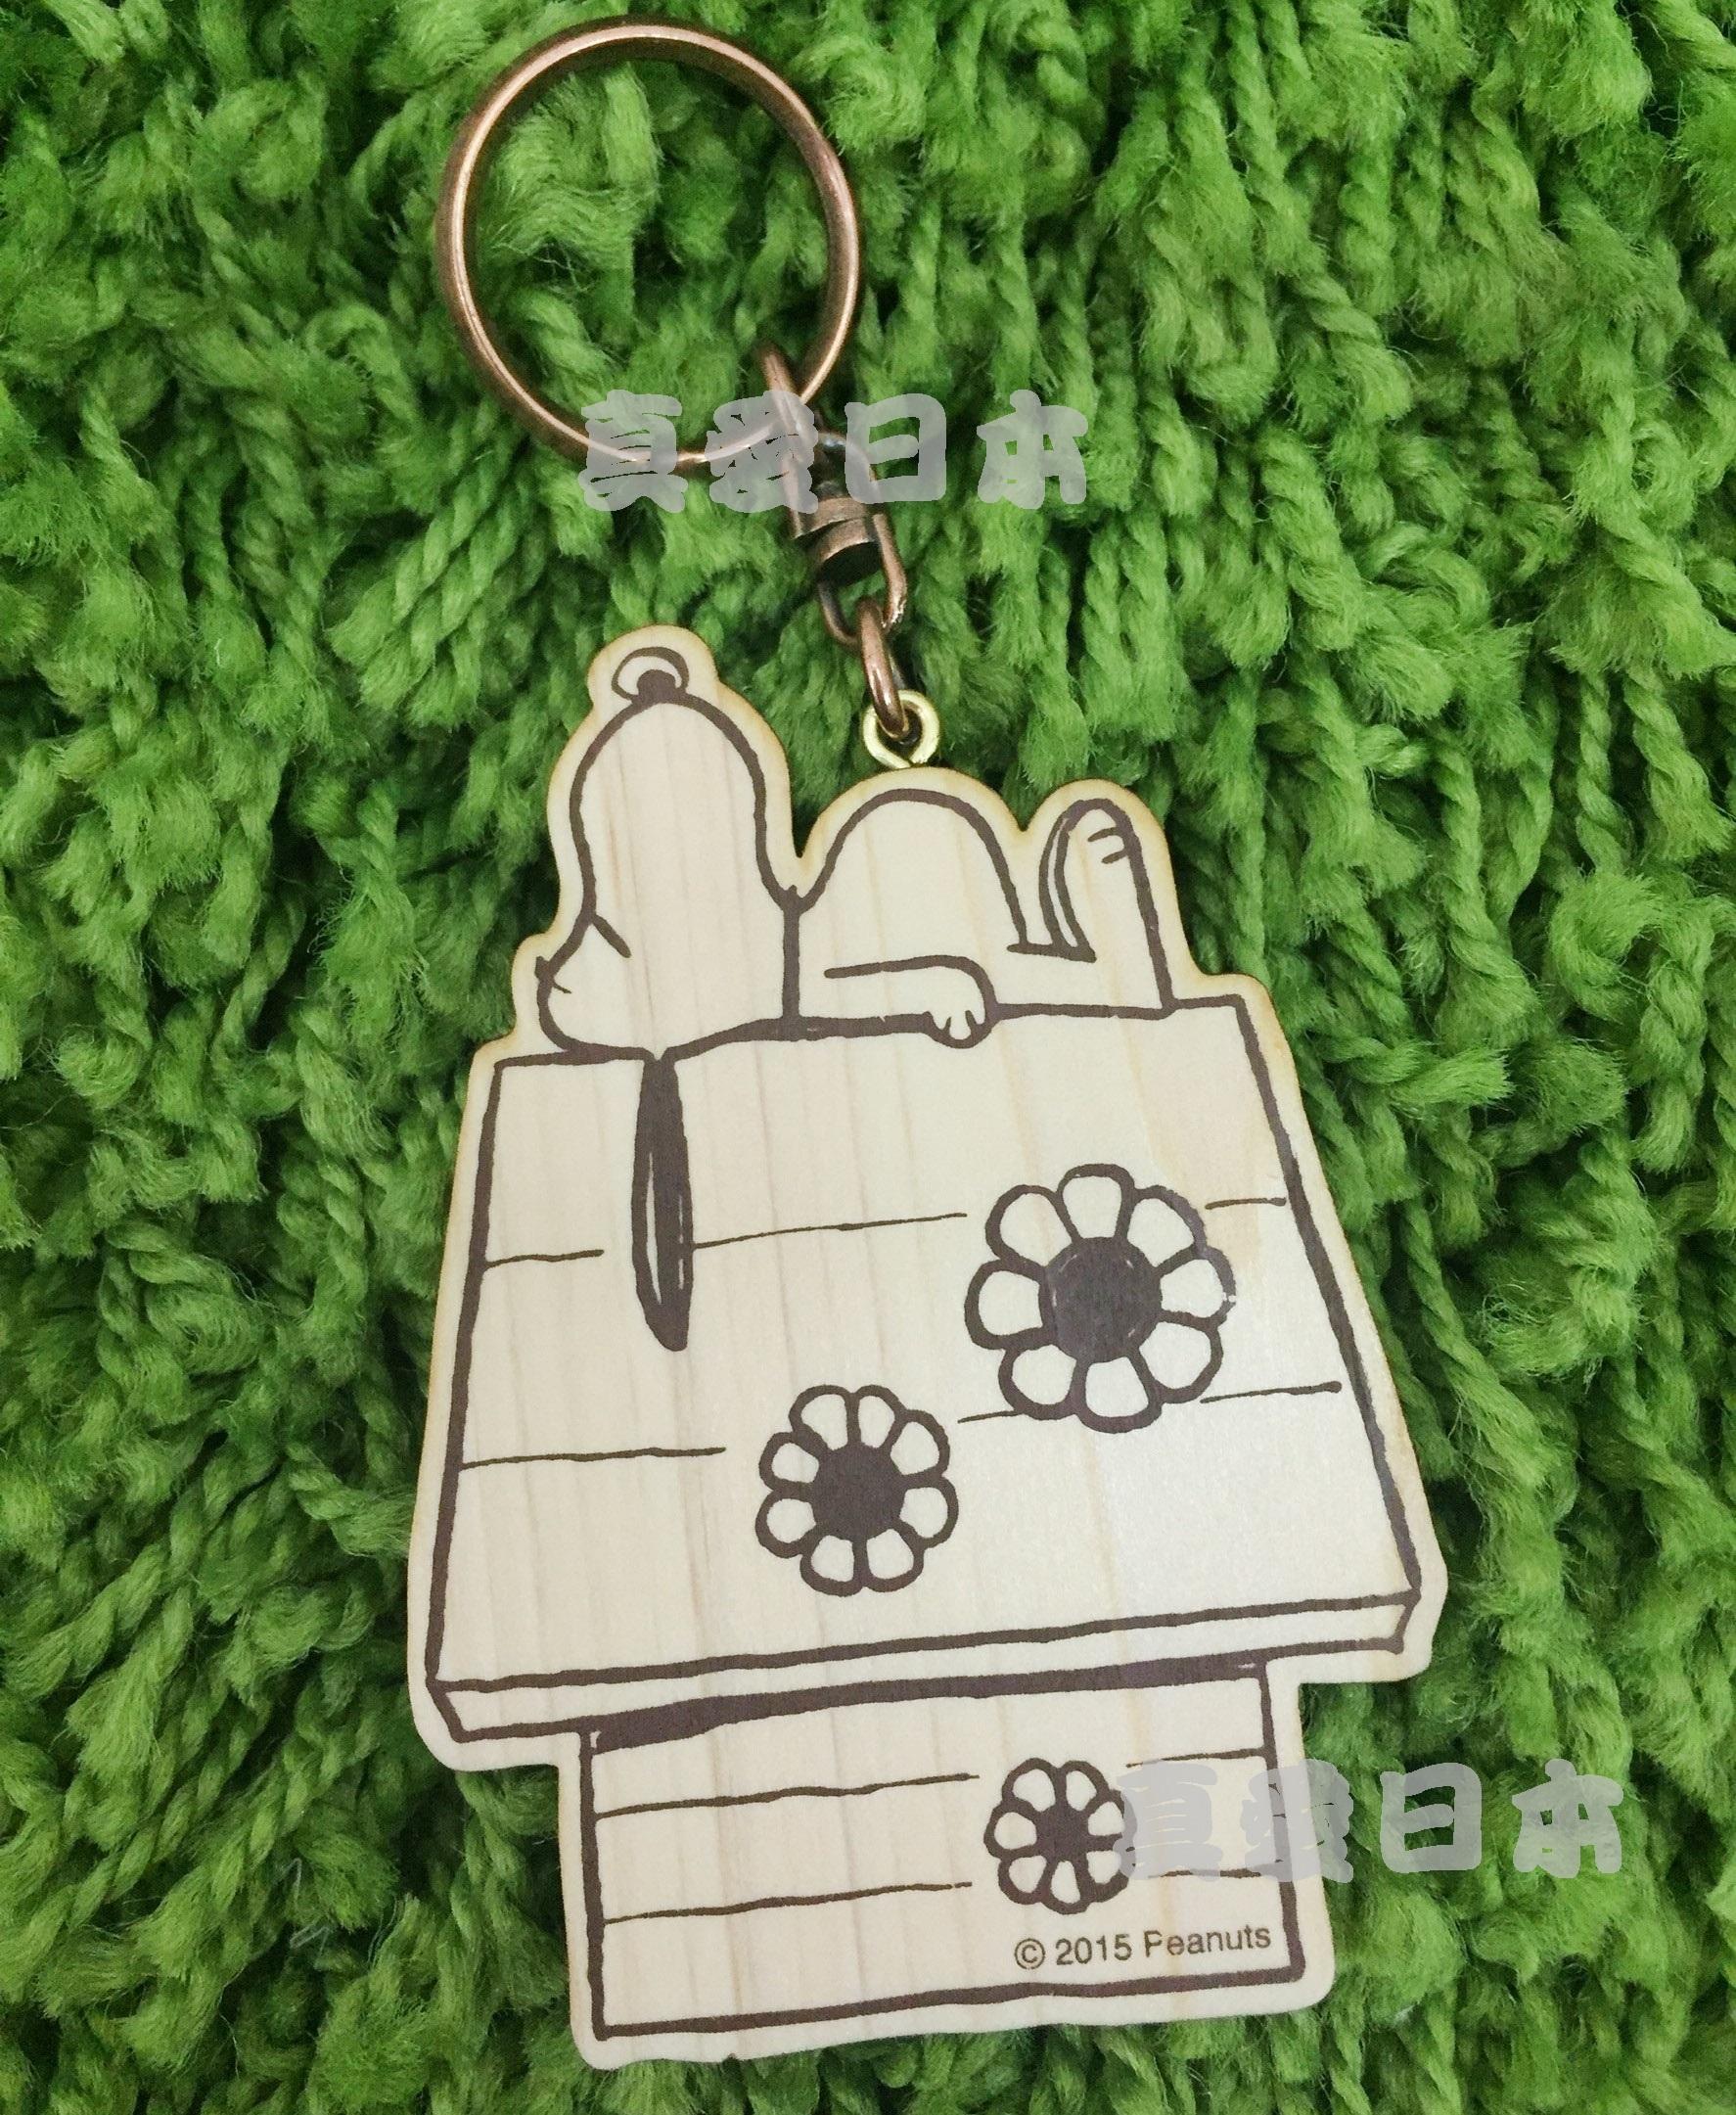 【真愛日本】16042200006立體檜木鎖圈-SN房屋    史努比 SNOOPY  吊飾 鑰匙圈 飾品 正品  預購